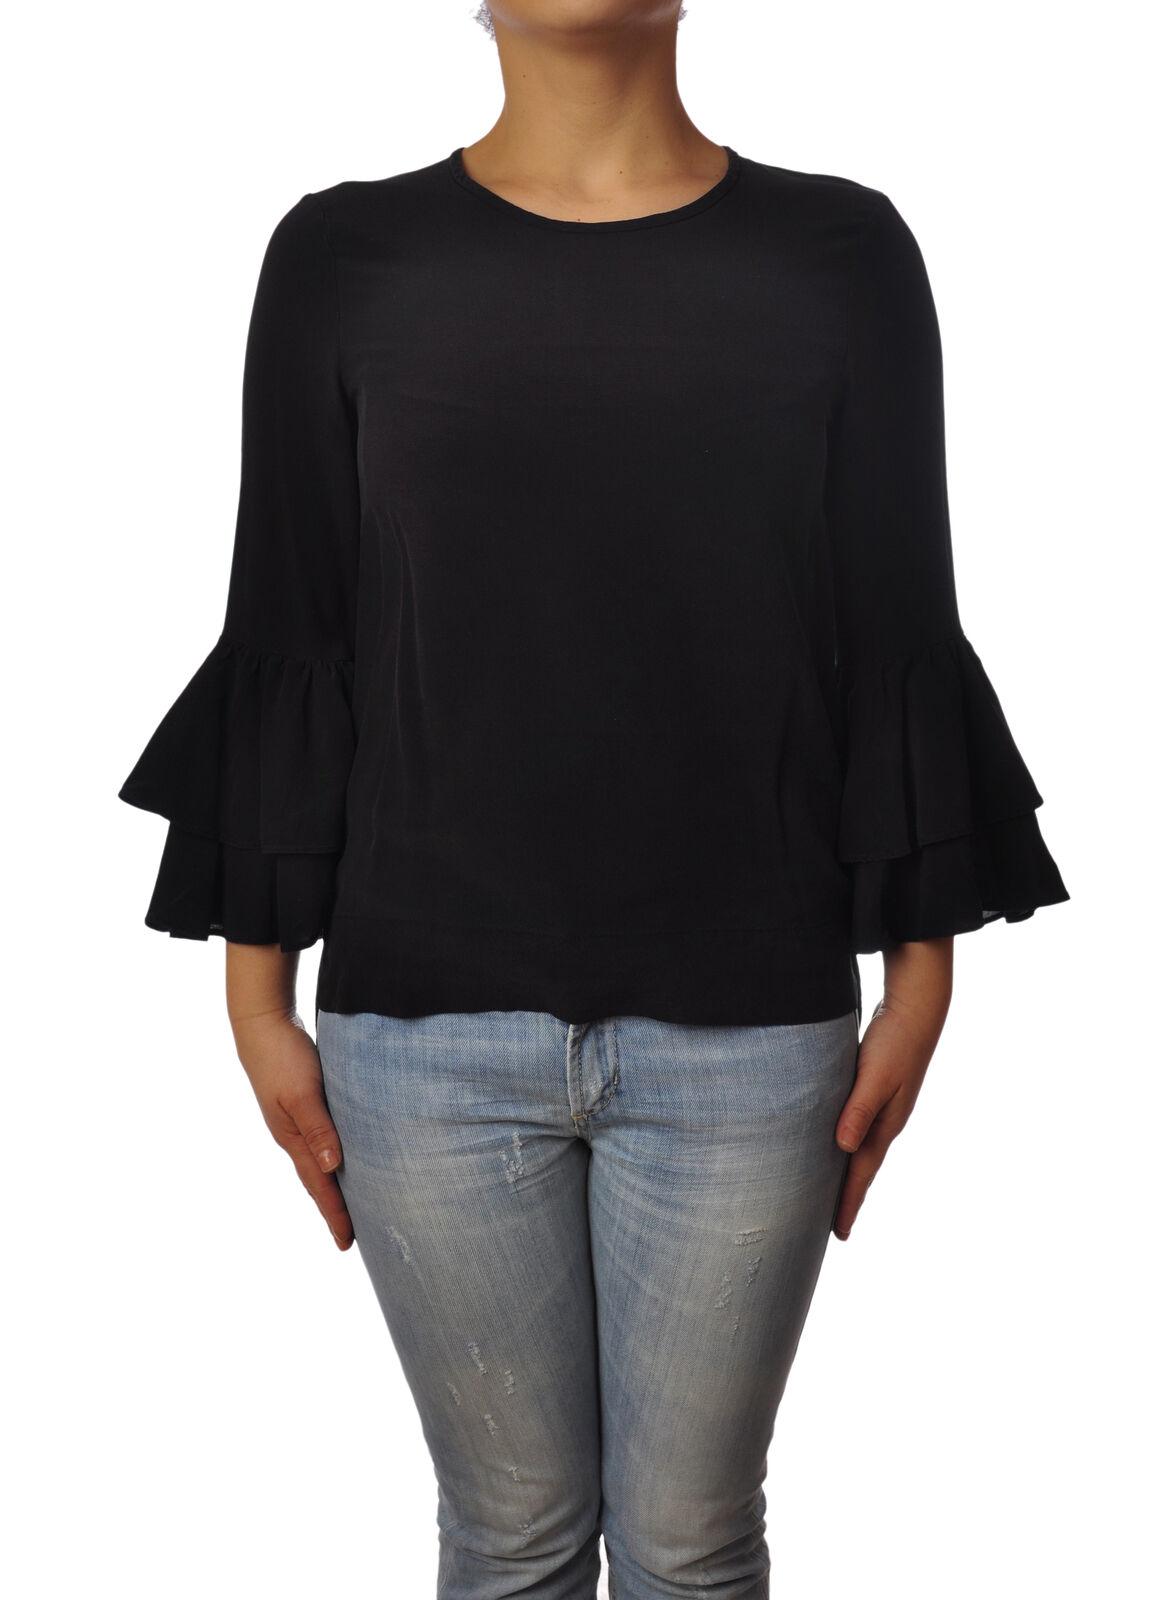 Ottod'ame - Shirts-Blouses - Woman - schwarz - 4923201H184924